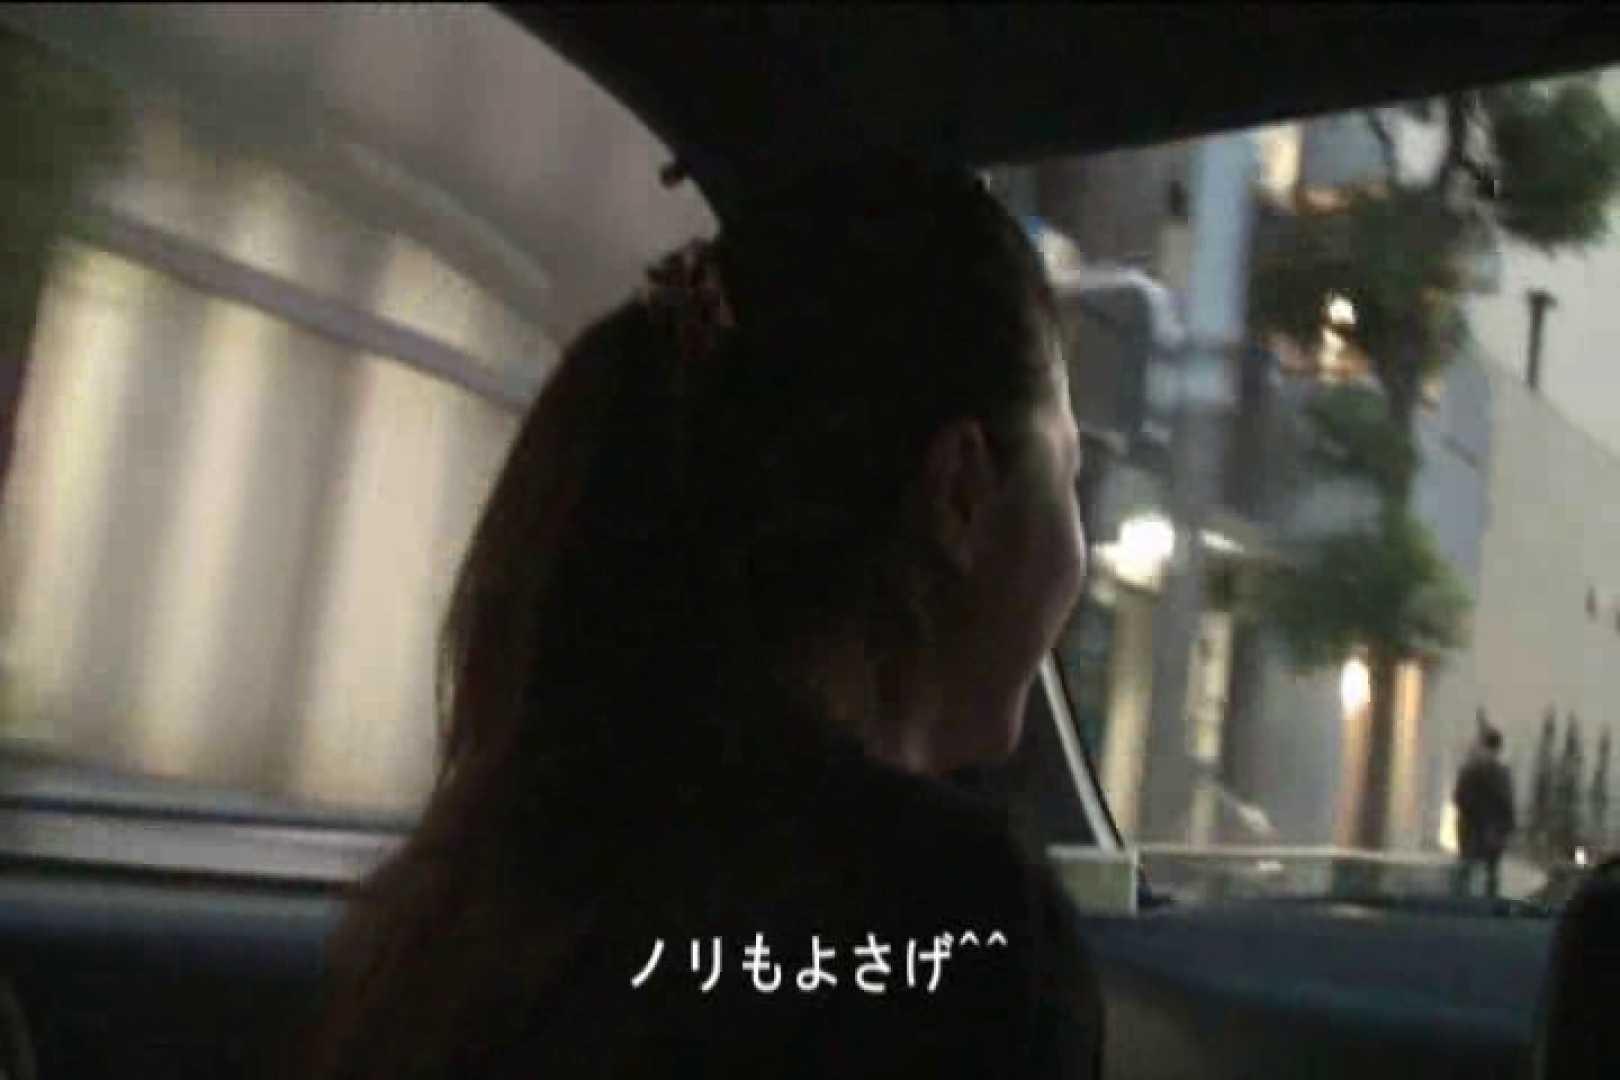 車内で初めまして! vol01 ハプニング   盗撮  68pic 15